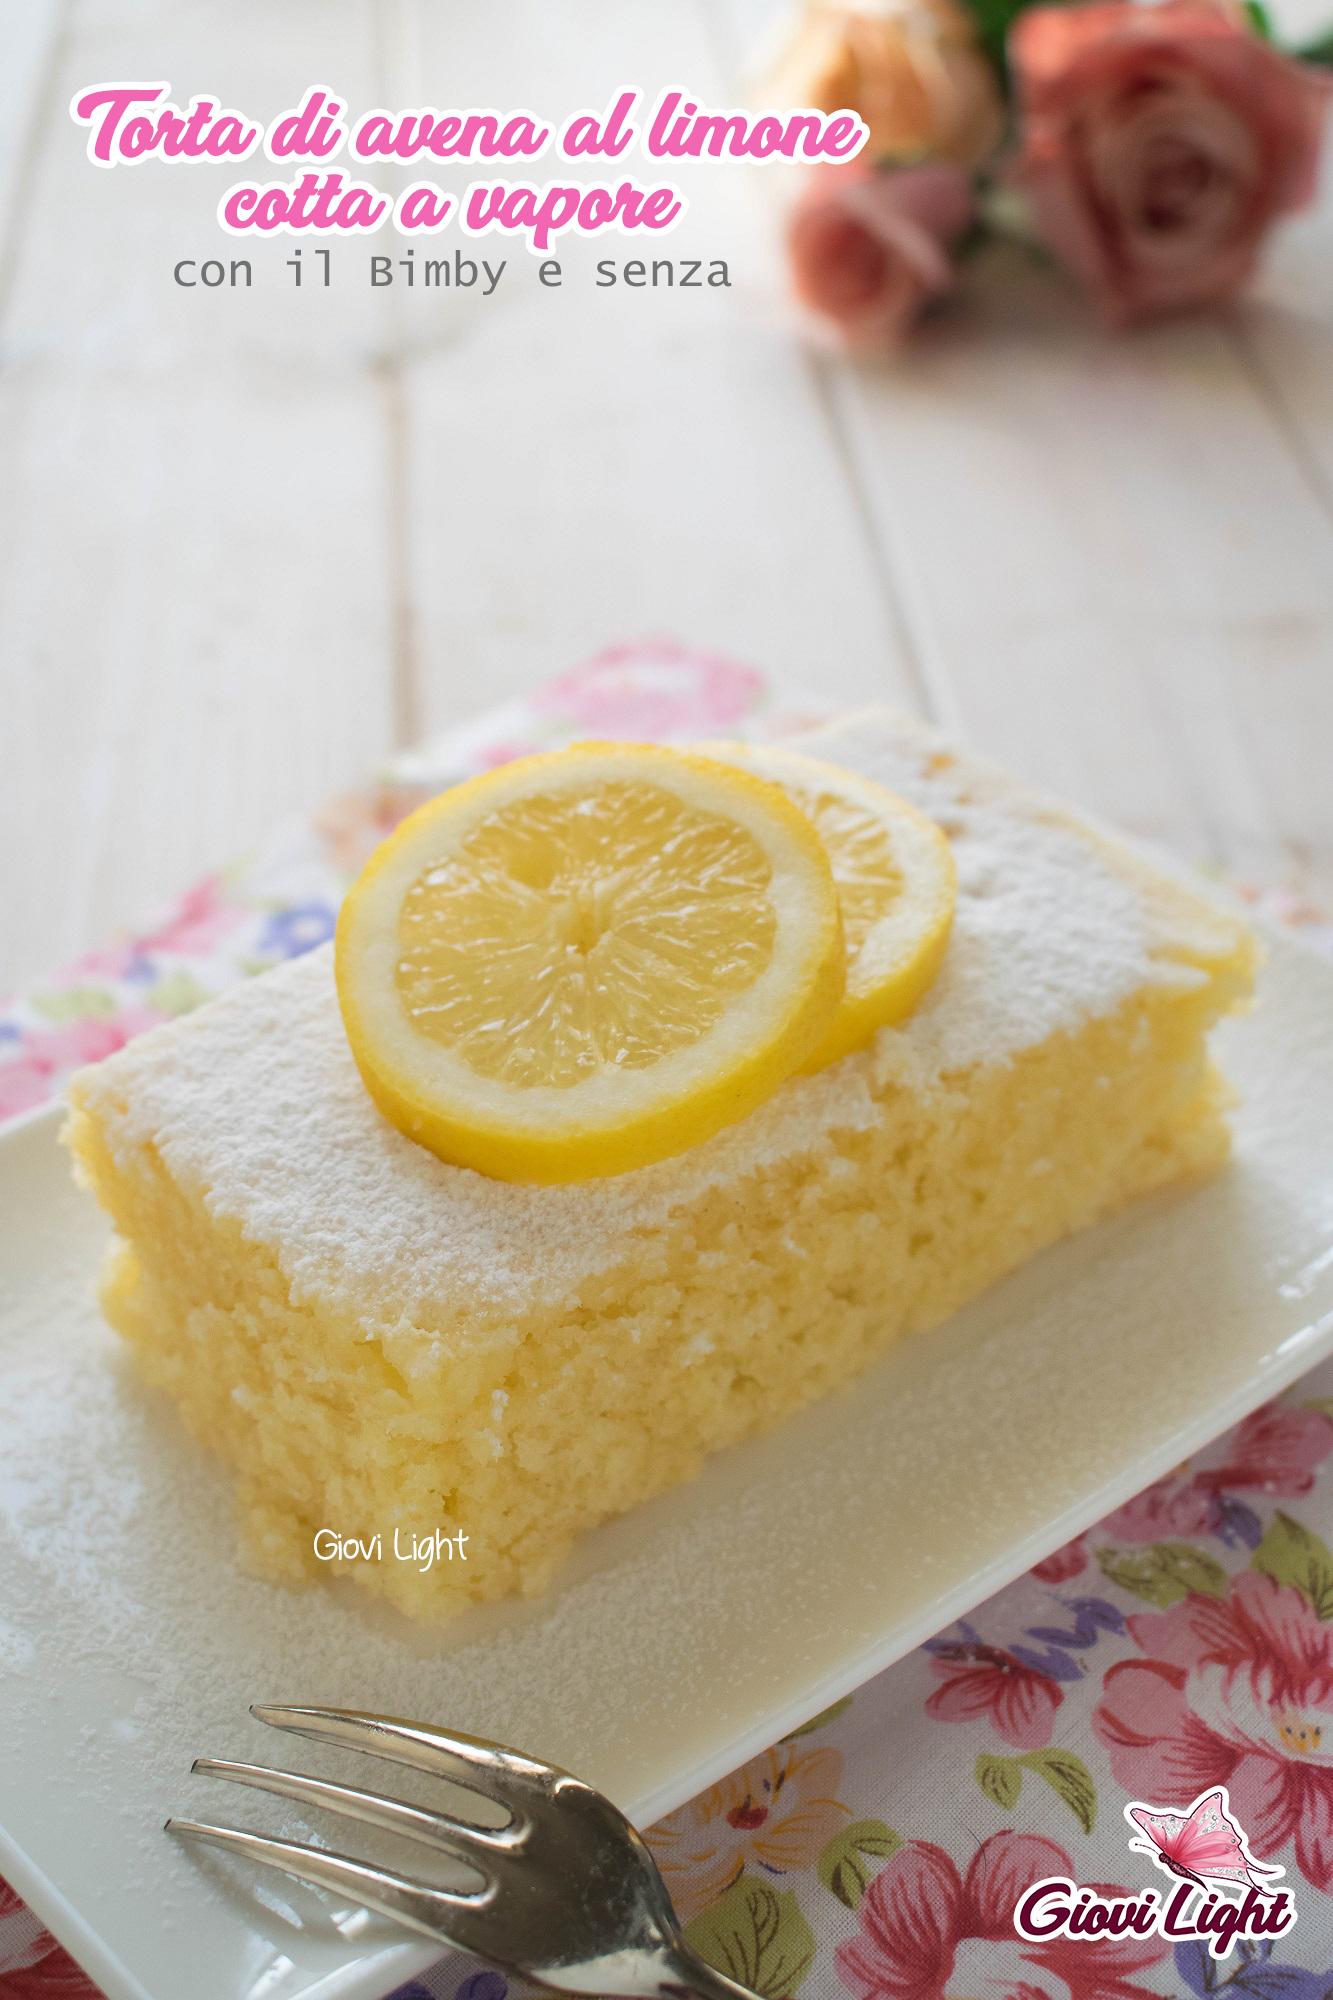 Torta di avena al limone cotta a vapore - con il Bimby e senza